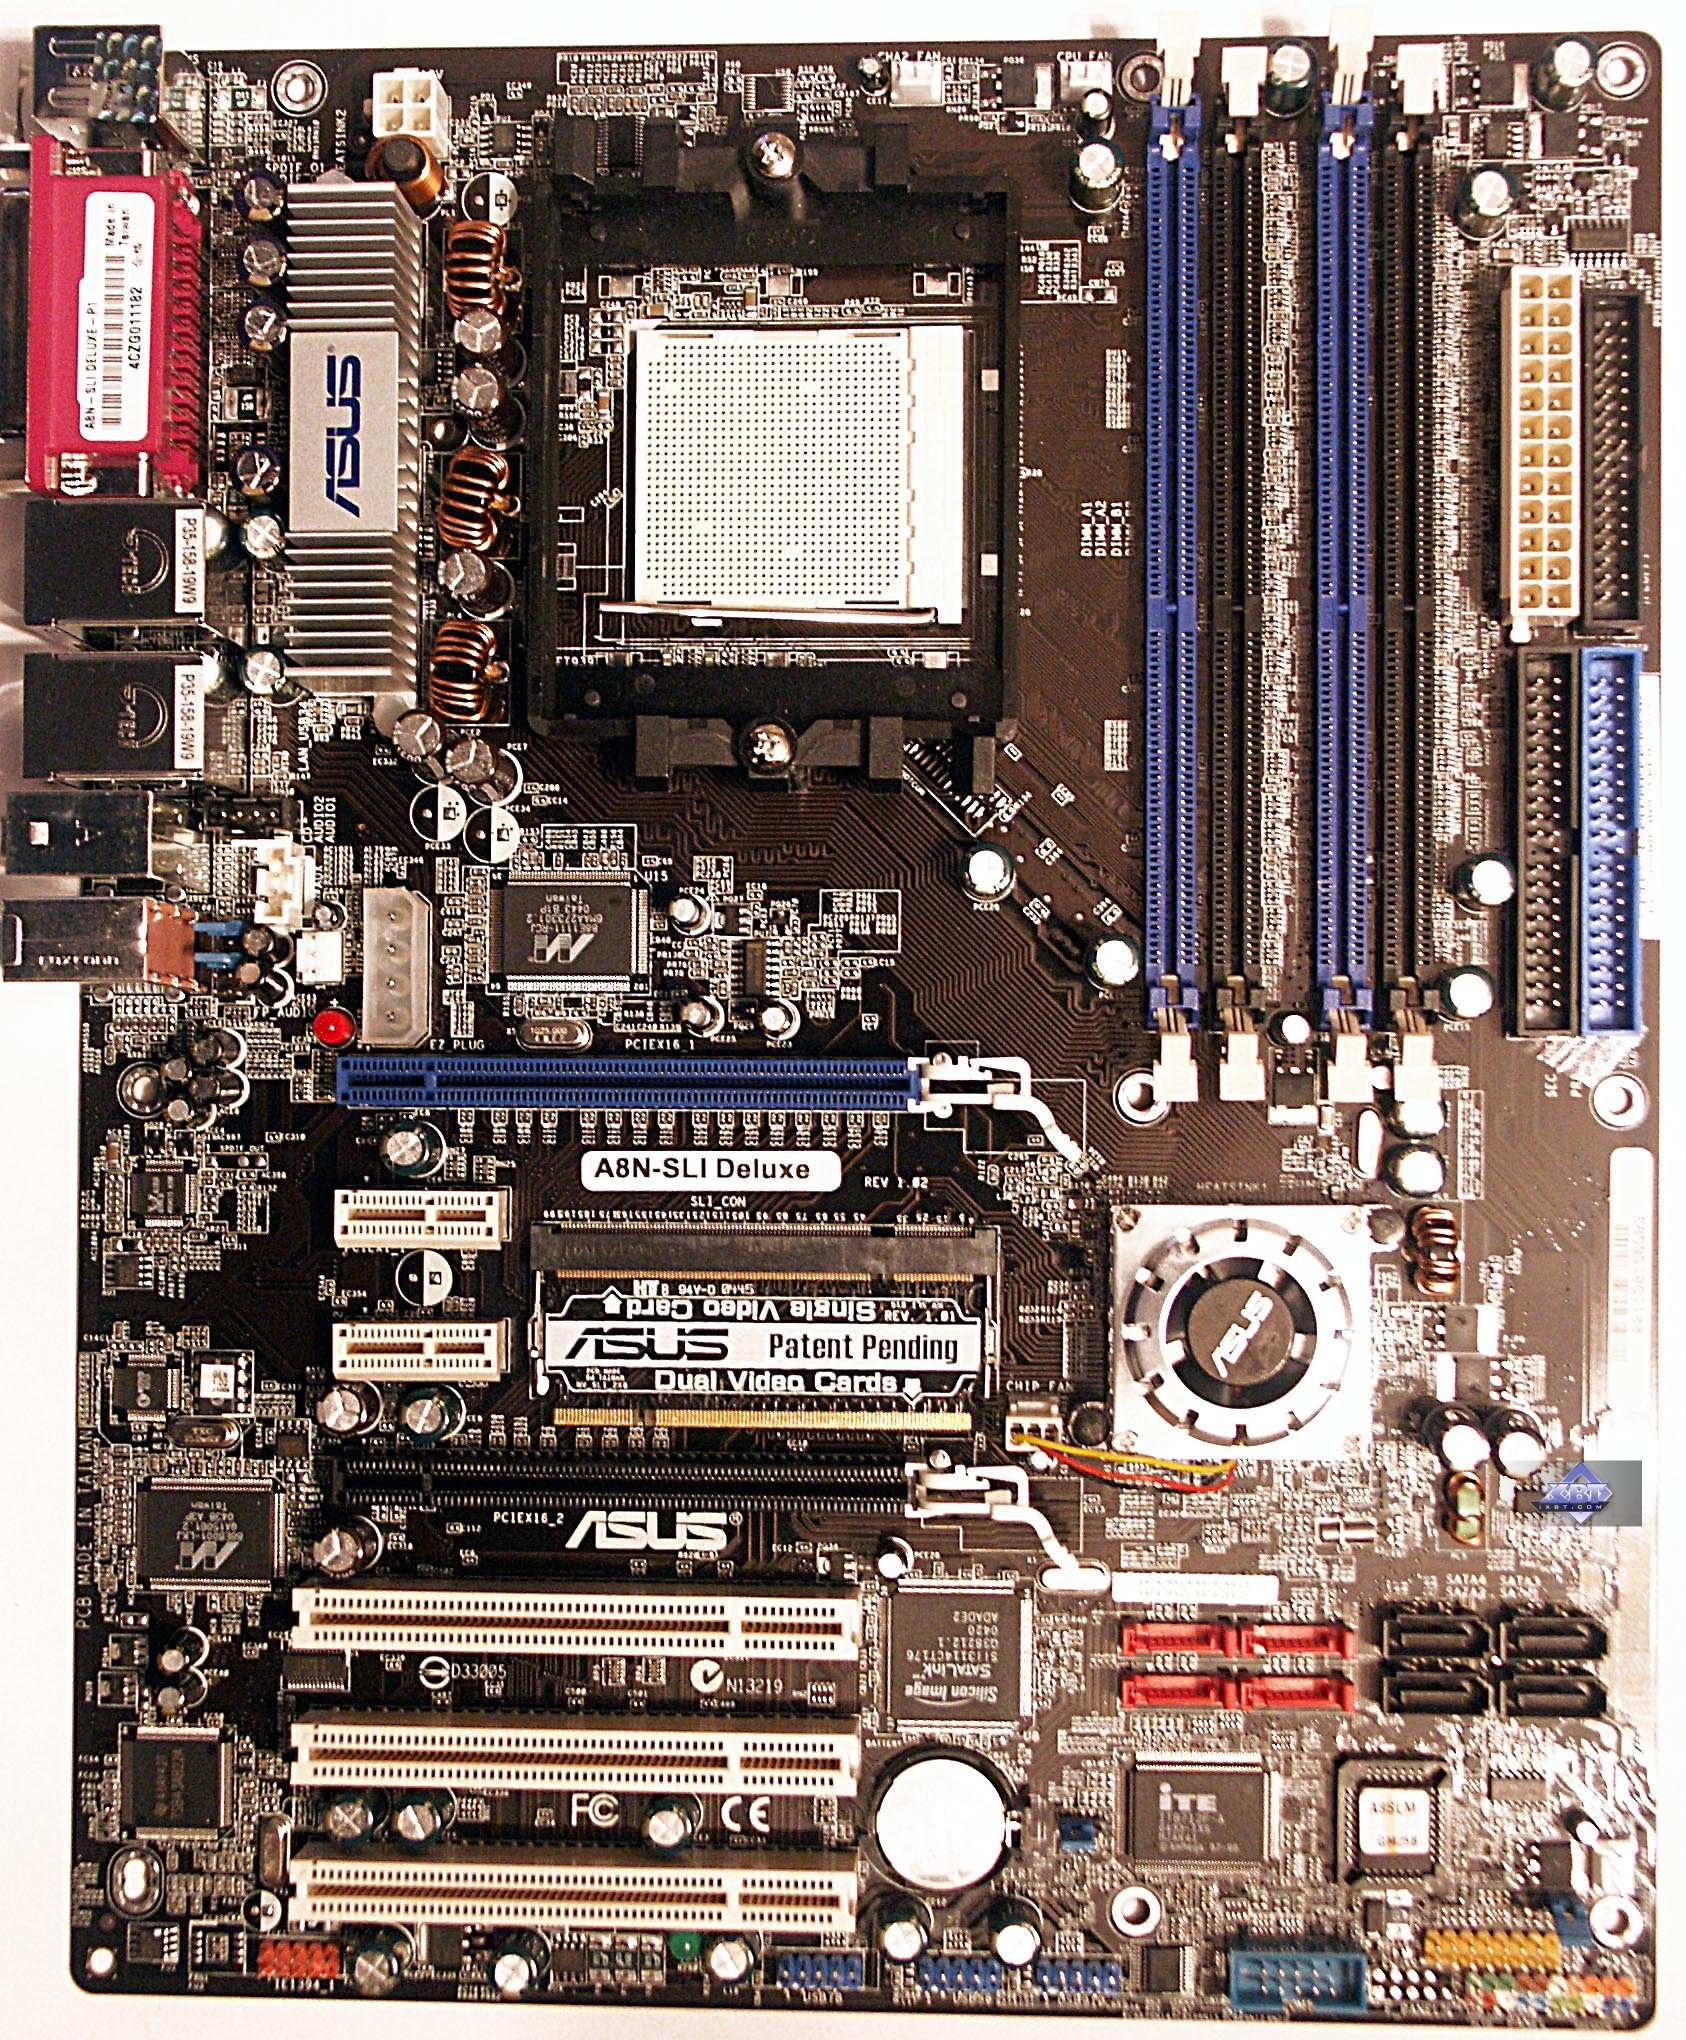 Драйвера На Amd Athlon Xp 2000+